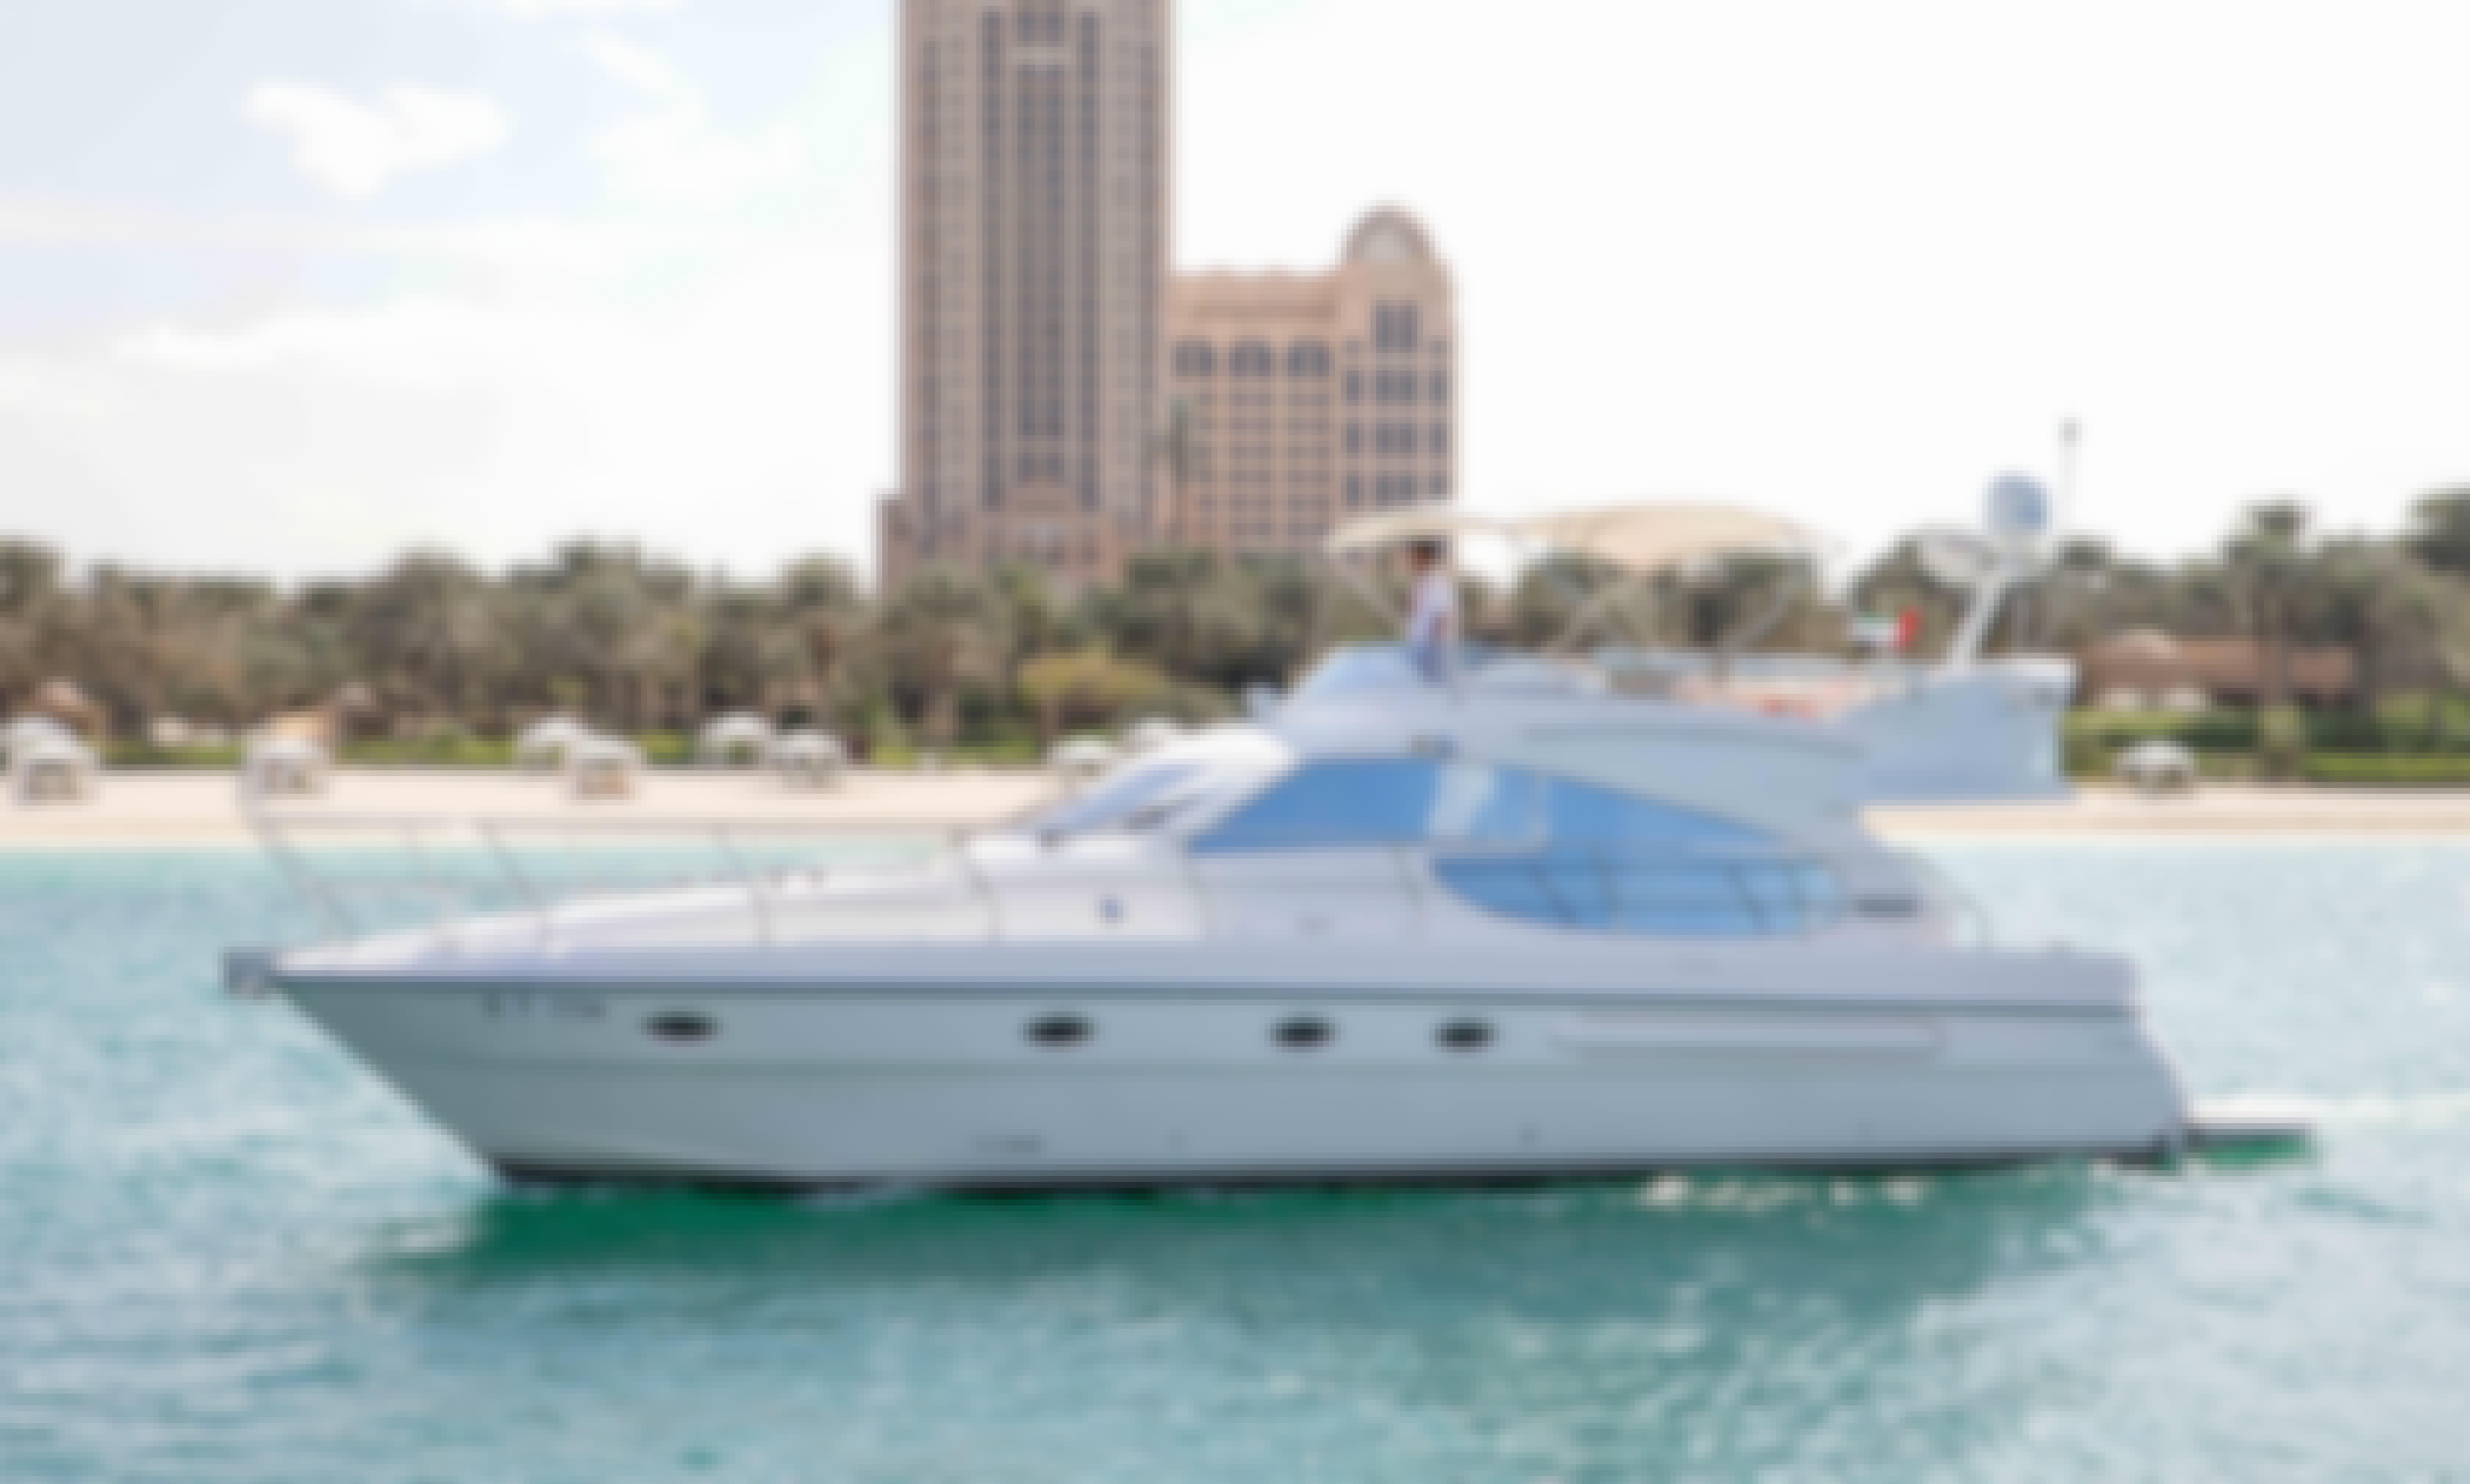 Motor Yacht rental in Dubai